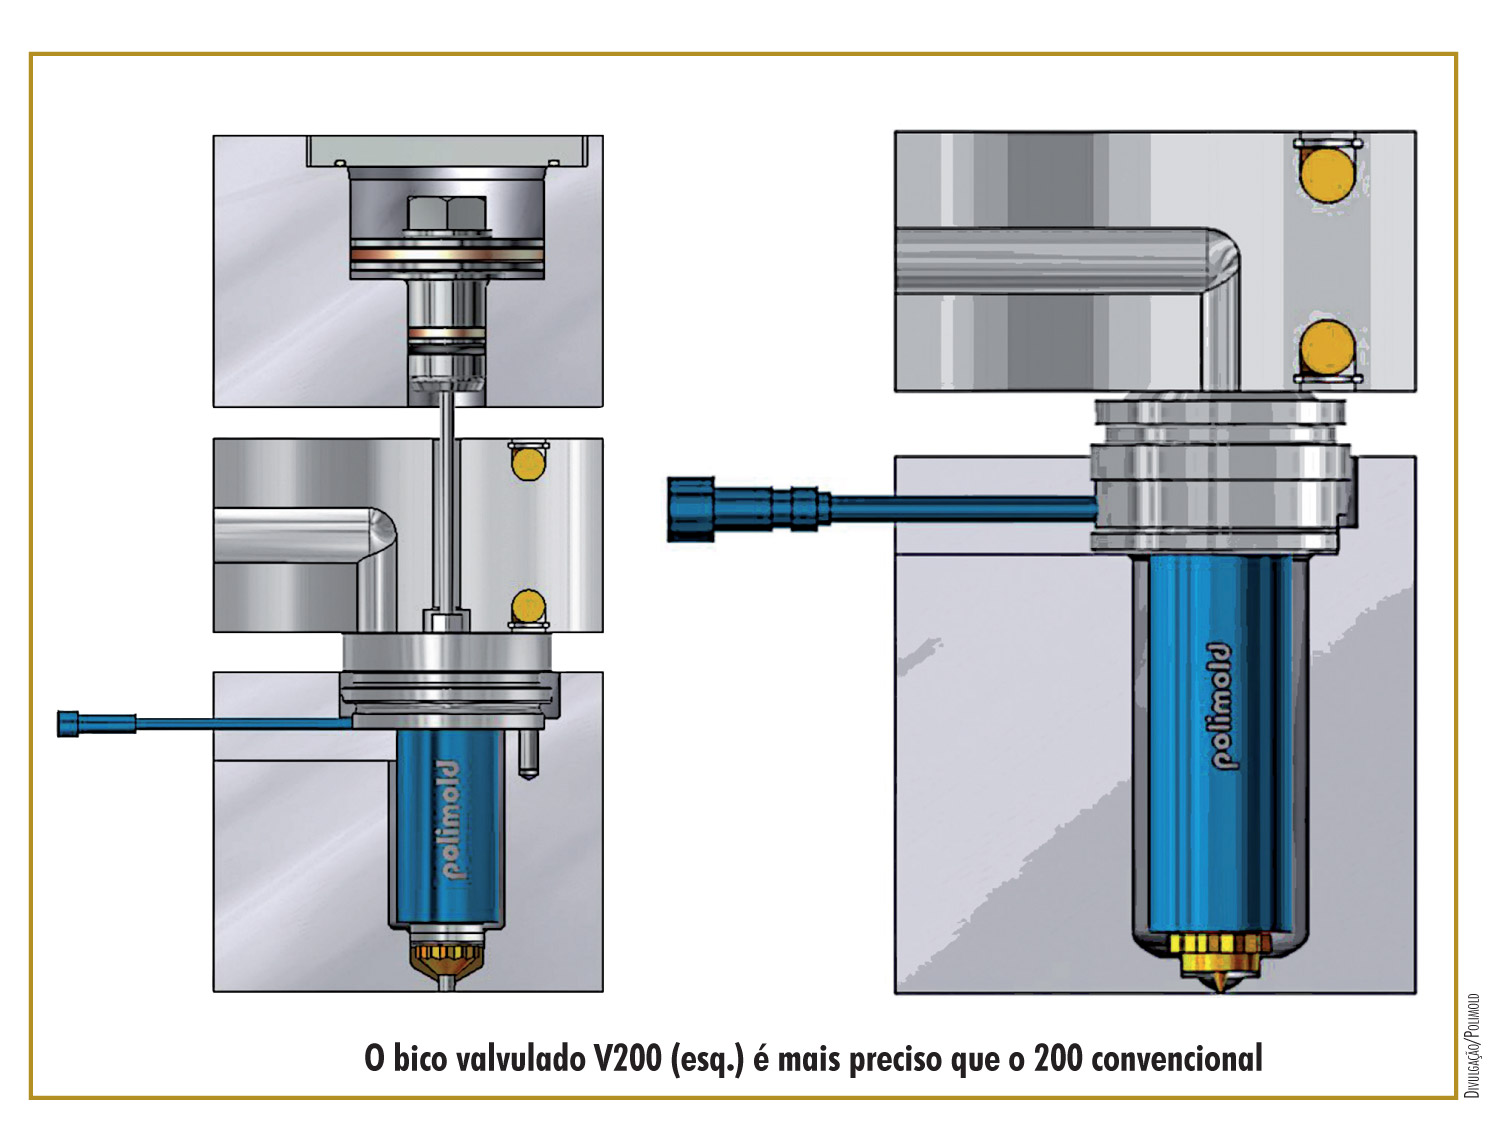 Plástico Moderno, O bico valvulado V200 (esq.) é mais preciso que o 200 convencional